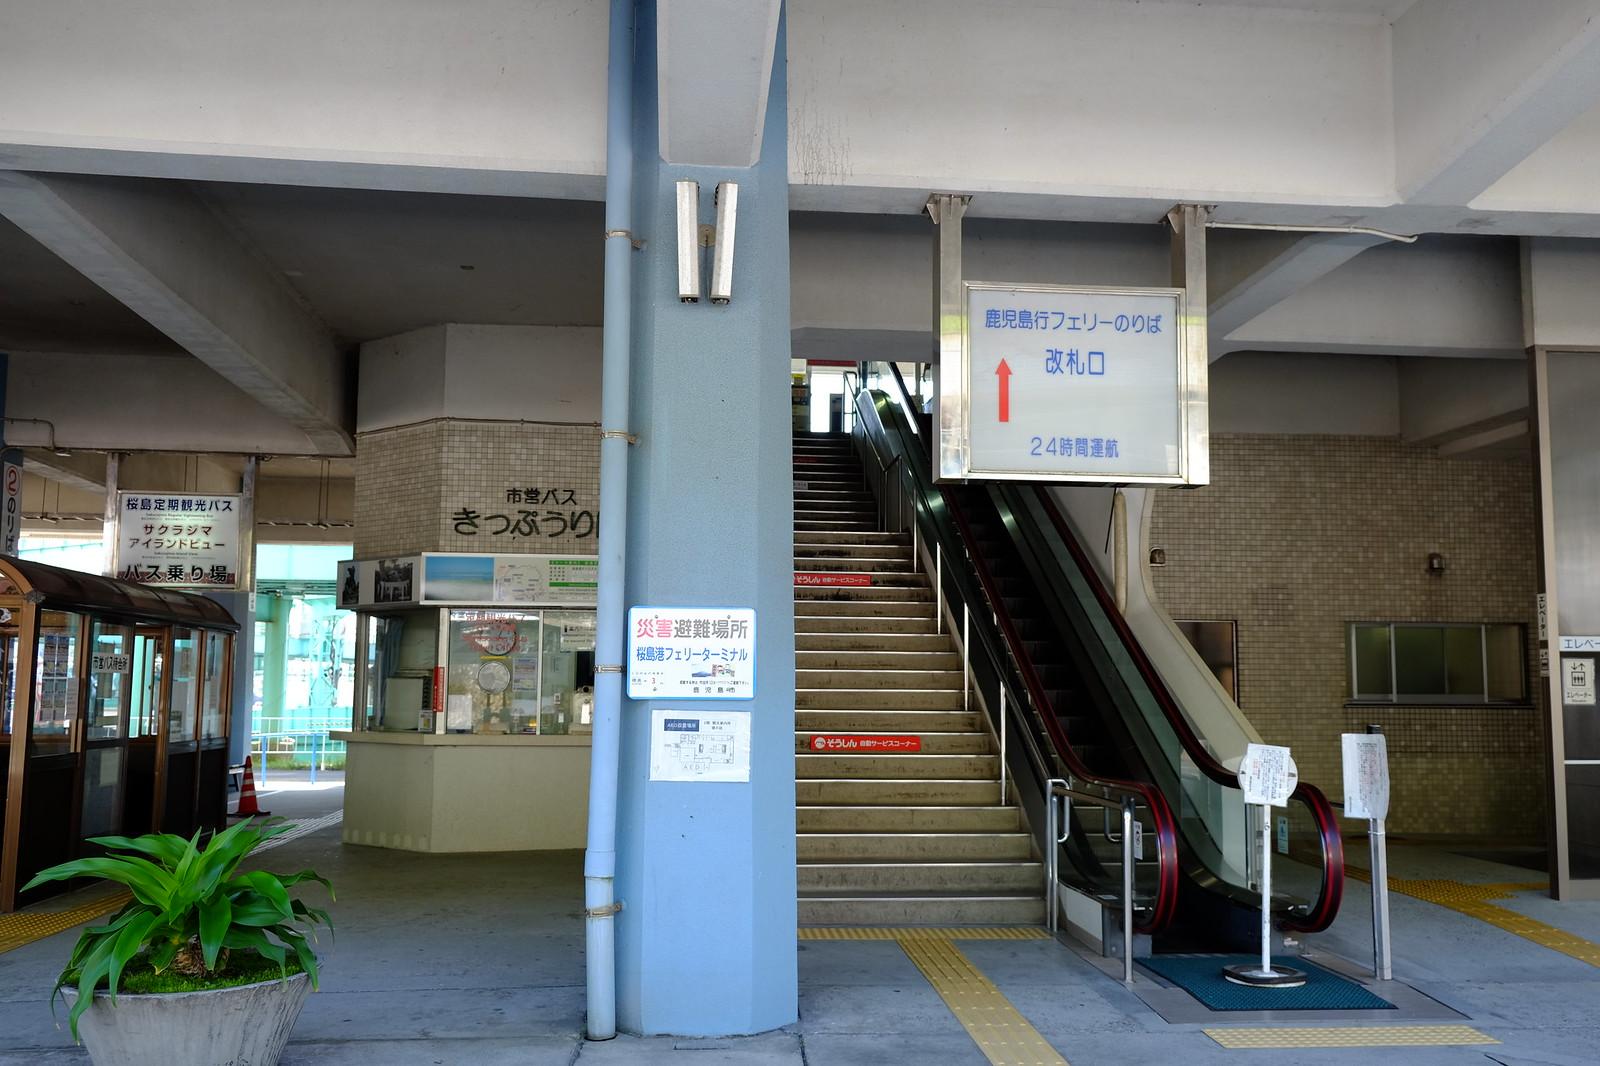 DSCF3654